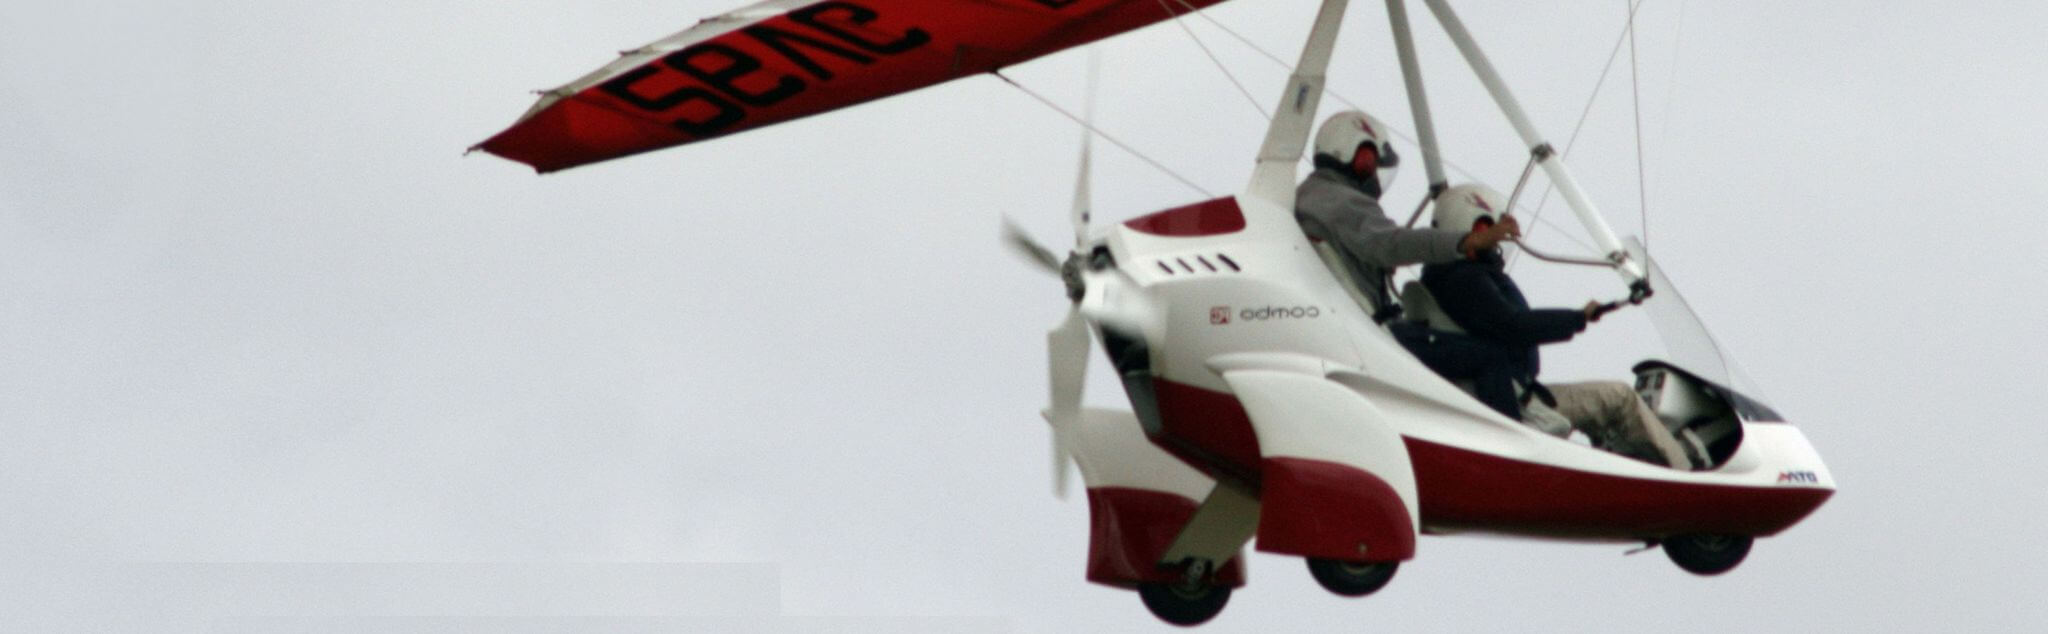 Vol en ULM dans Sarthe